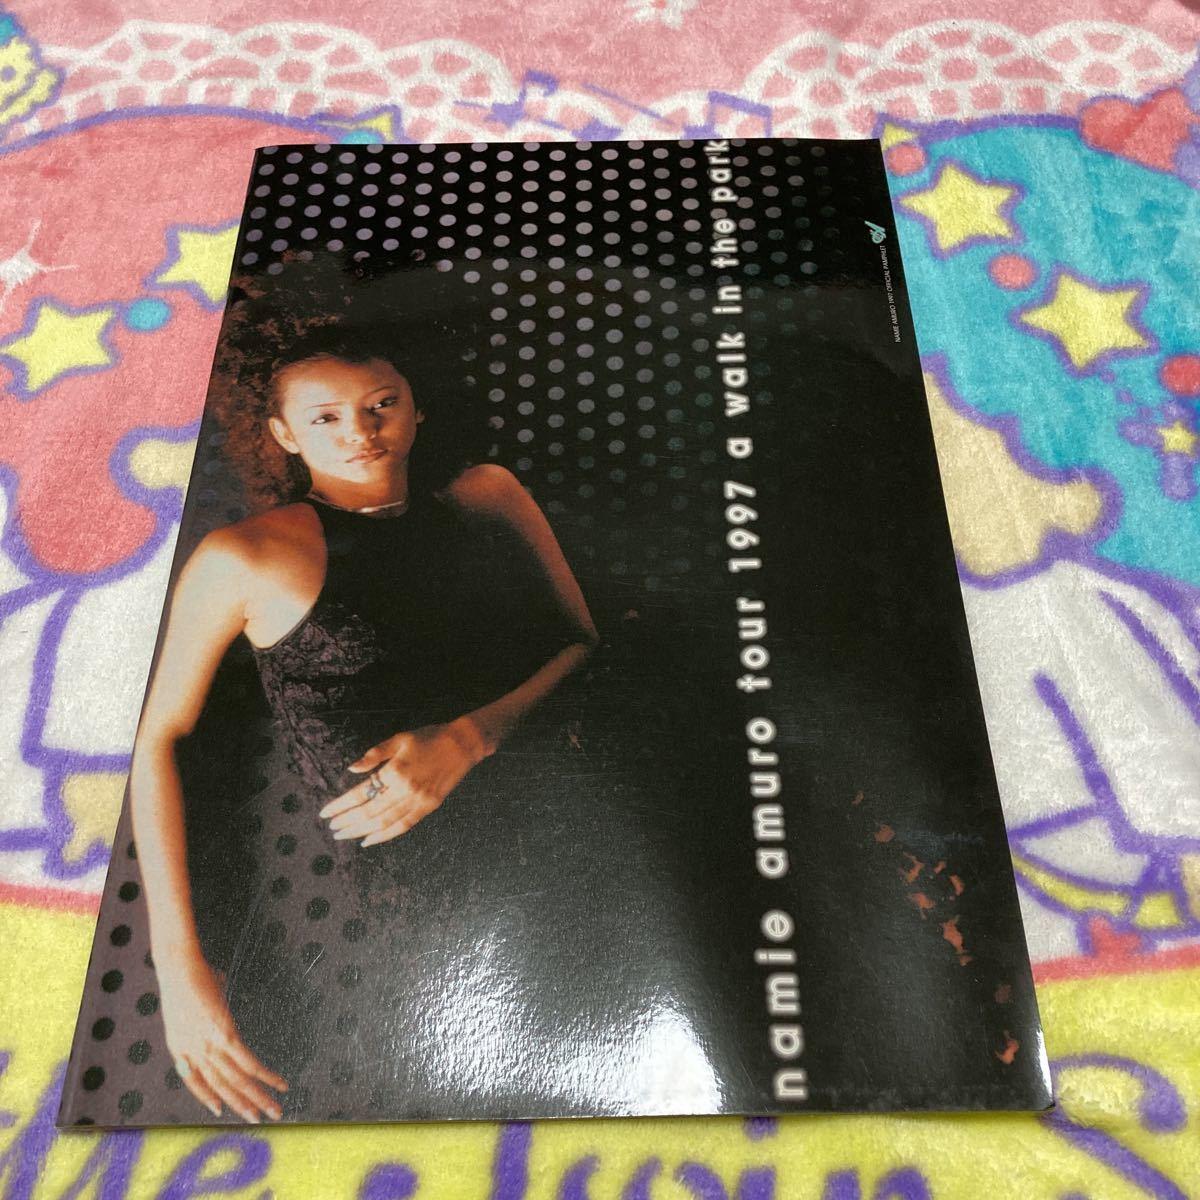 安室奈美恵 tour1997 a walk in the park パンフレット!